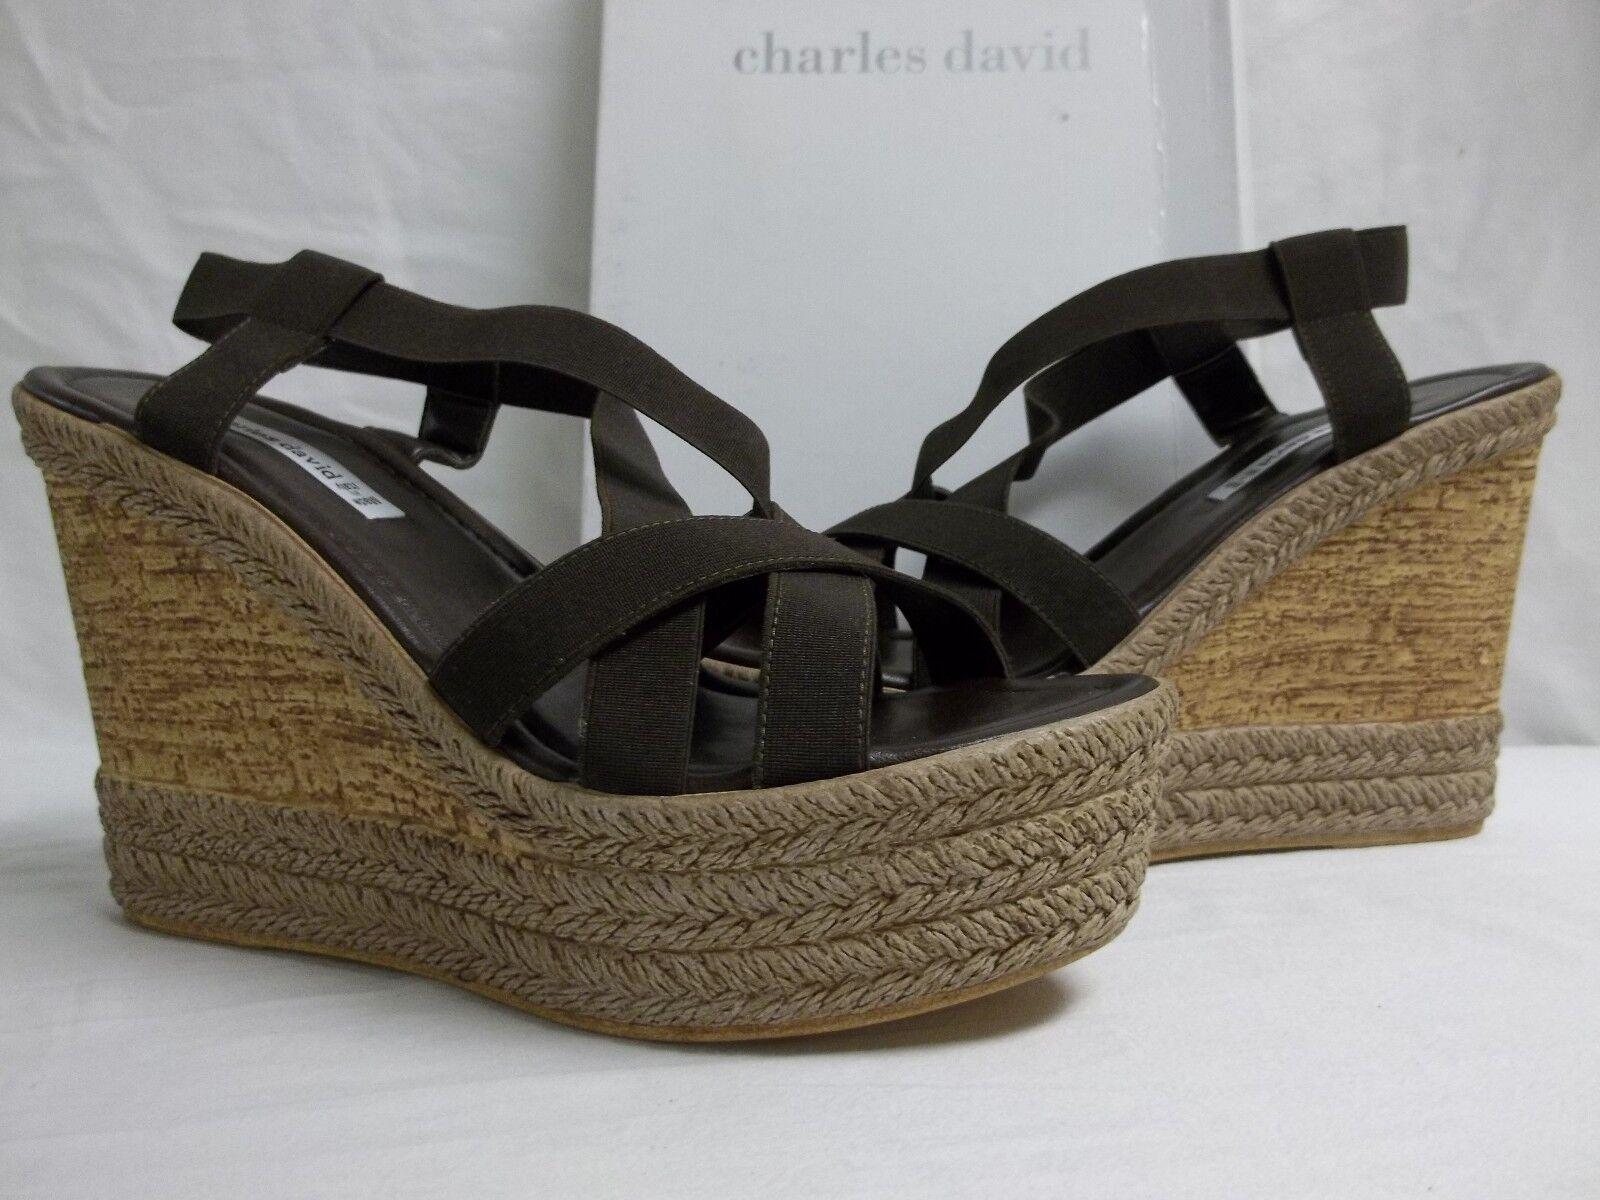 Charles David tamaño 9.5 M tarifa Marrón Elástico cuñas Nuevos Mujer Zapatos Puntera Abierta